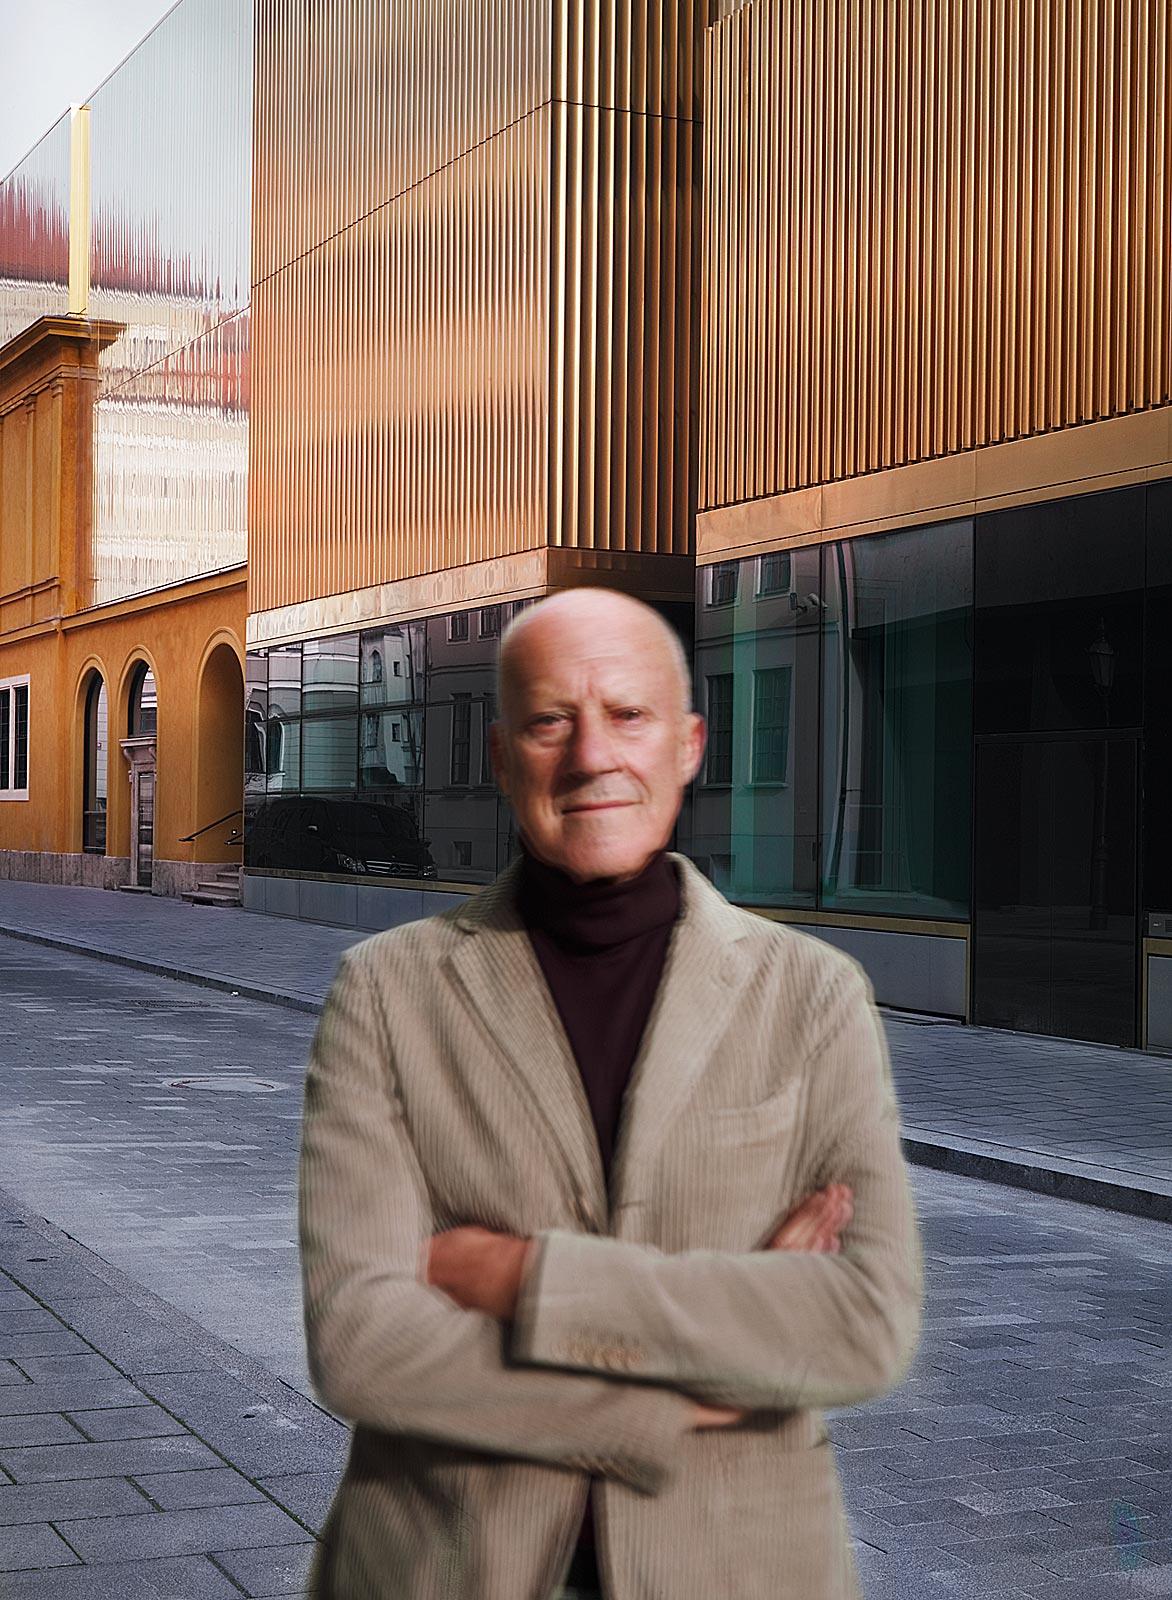 Norman Foster (13.02 - 13.07 Uhr, 10.11.2012)